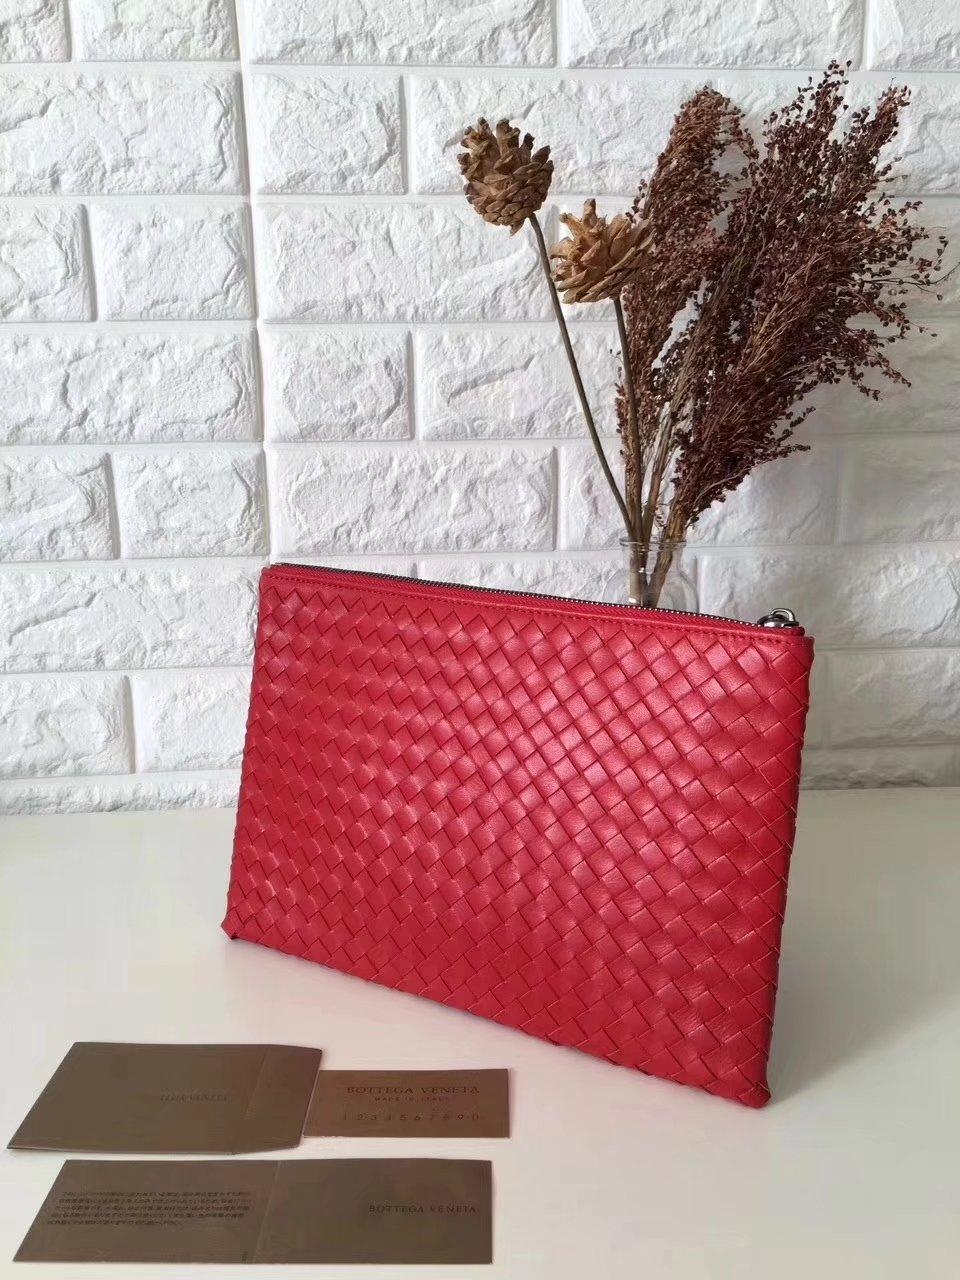 Bottega Veneta Women Leather Clutch Red